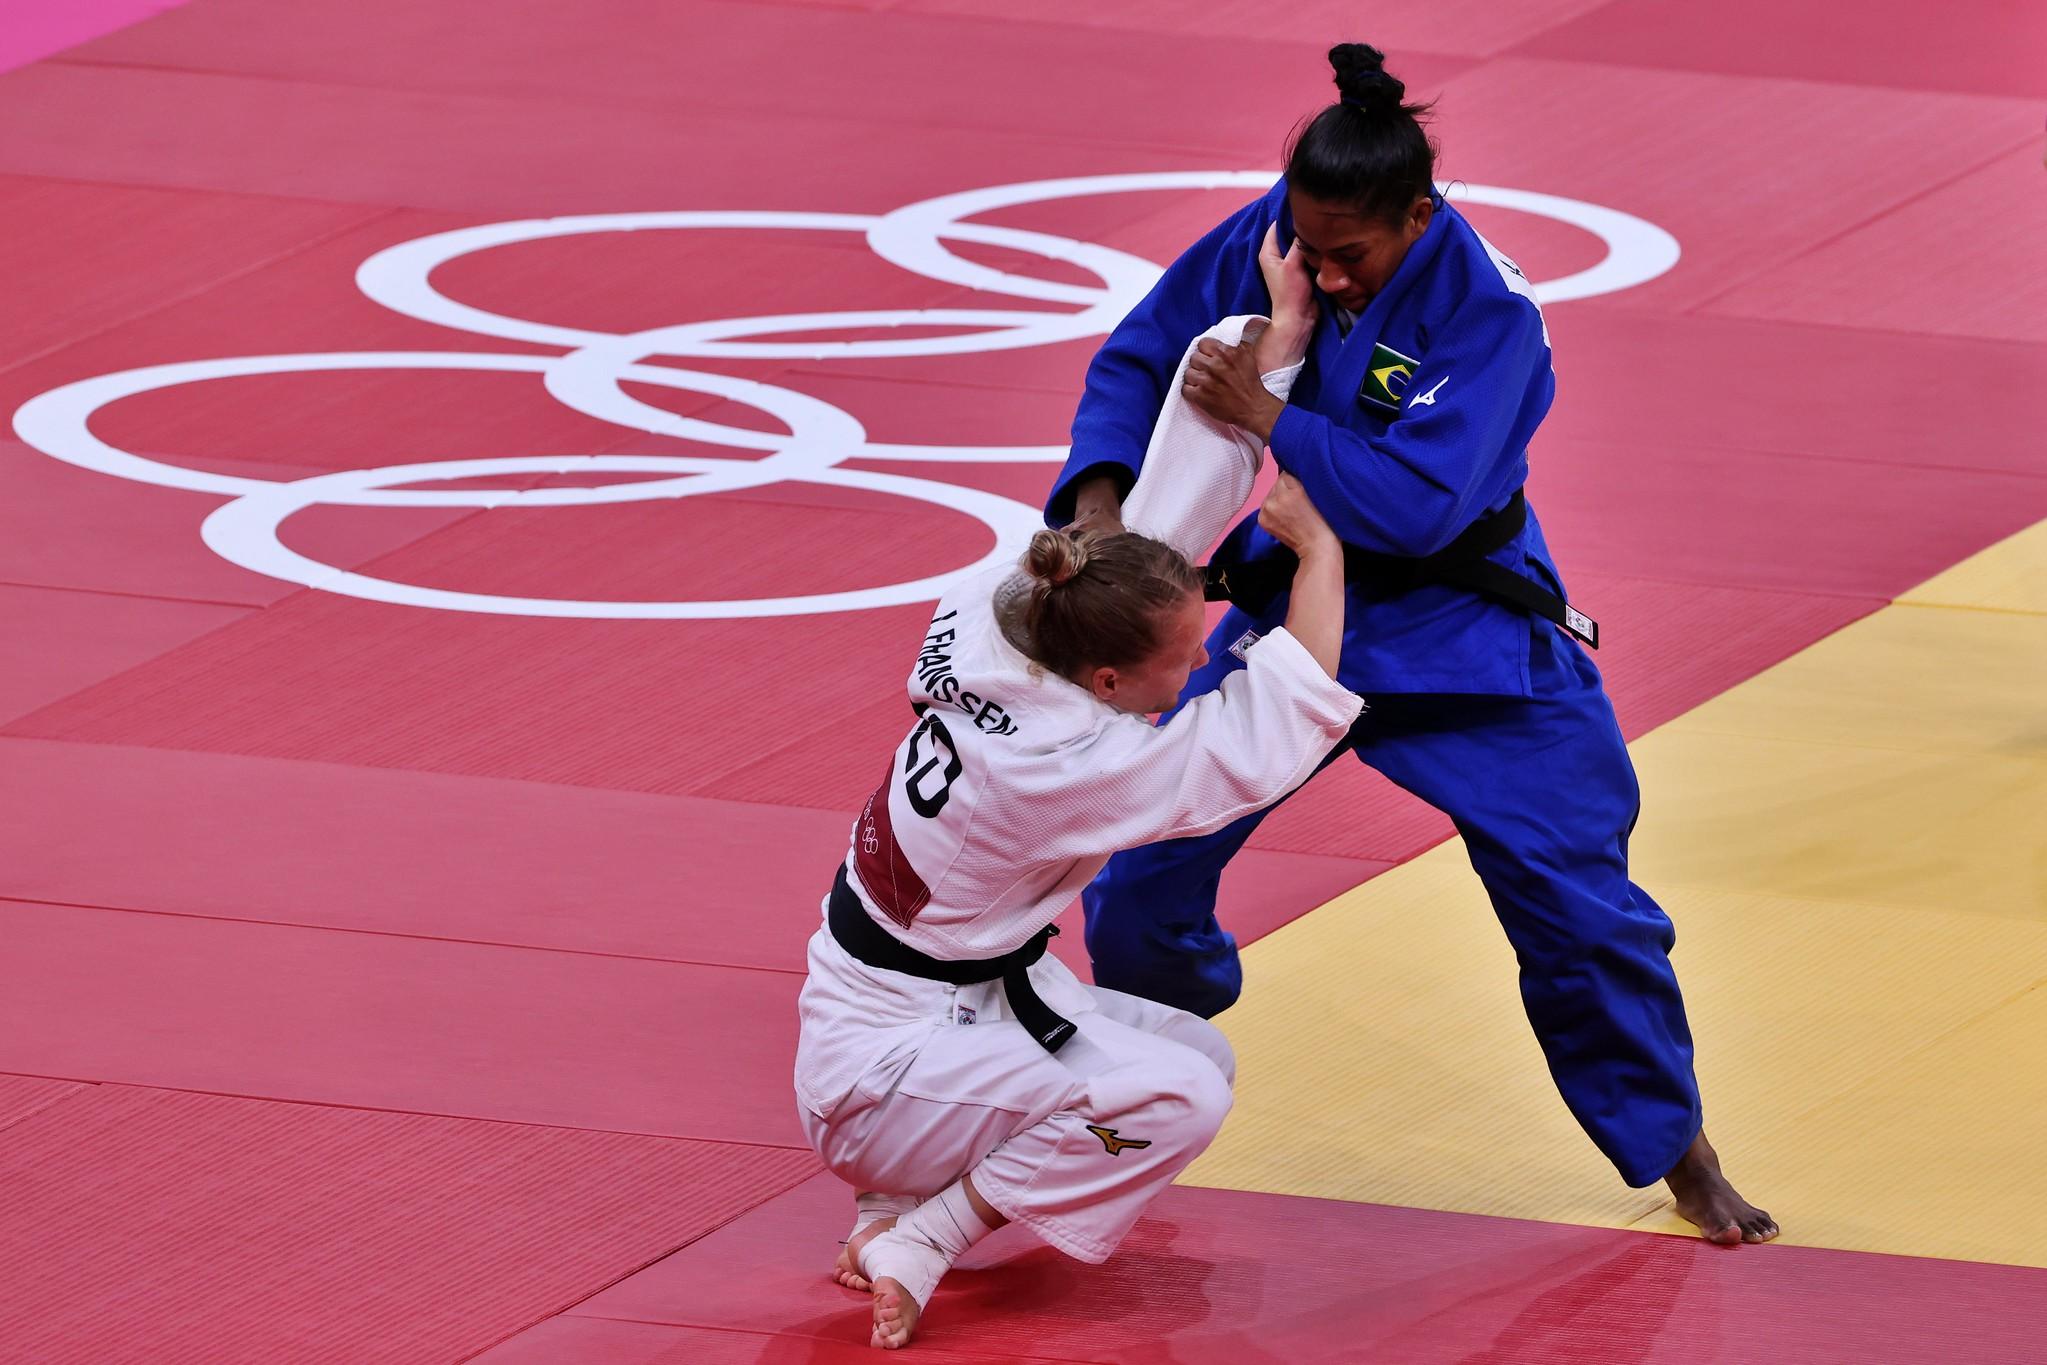 Ketleyn precisava vencer a holandesa Franssen para entrar na briga pelo bronze, mas acabou sofrendo uma imobilização. Foto: Breno Barros/rededoesporte.gov.br